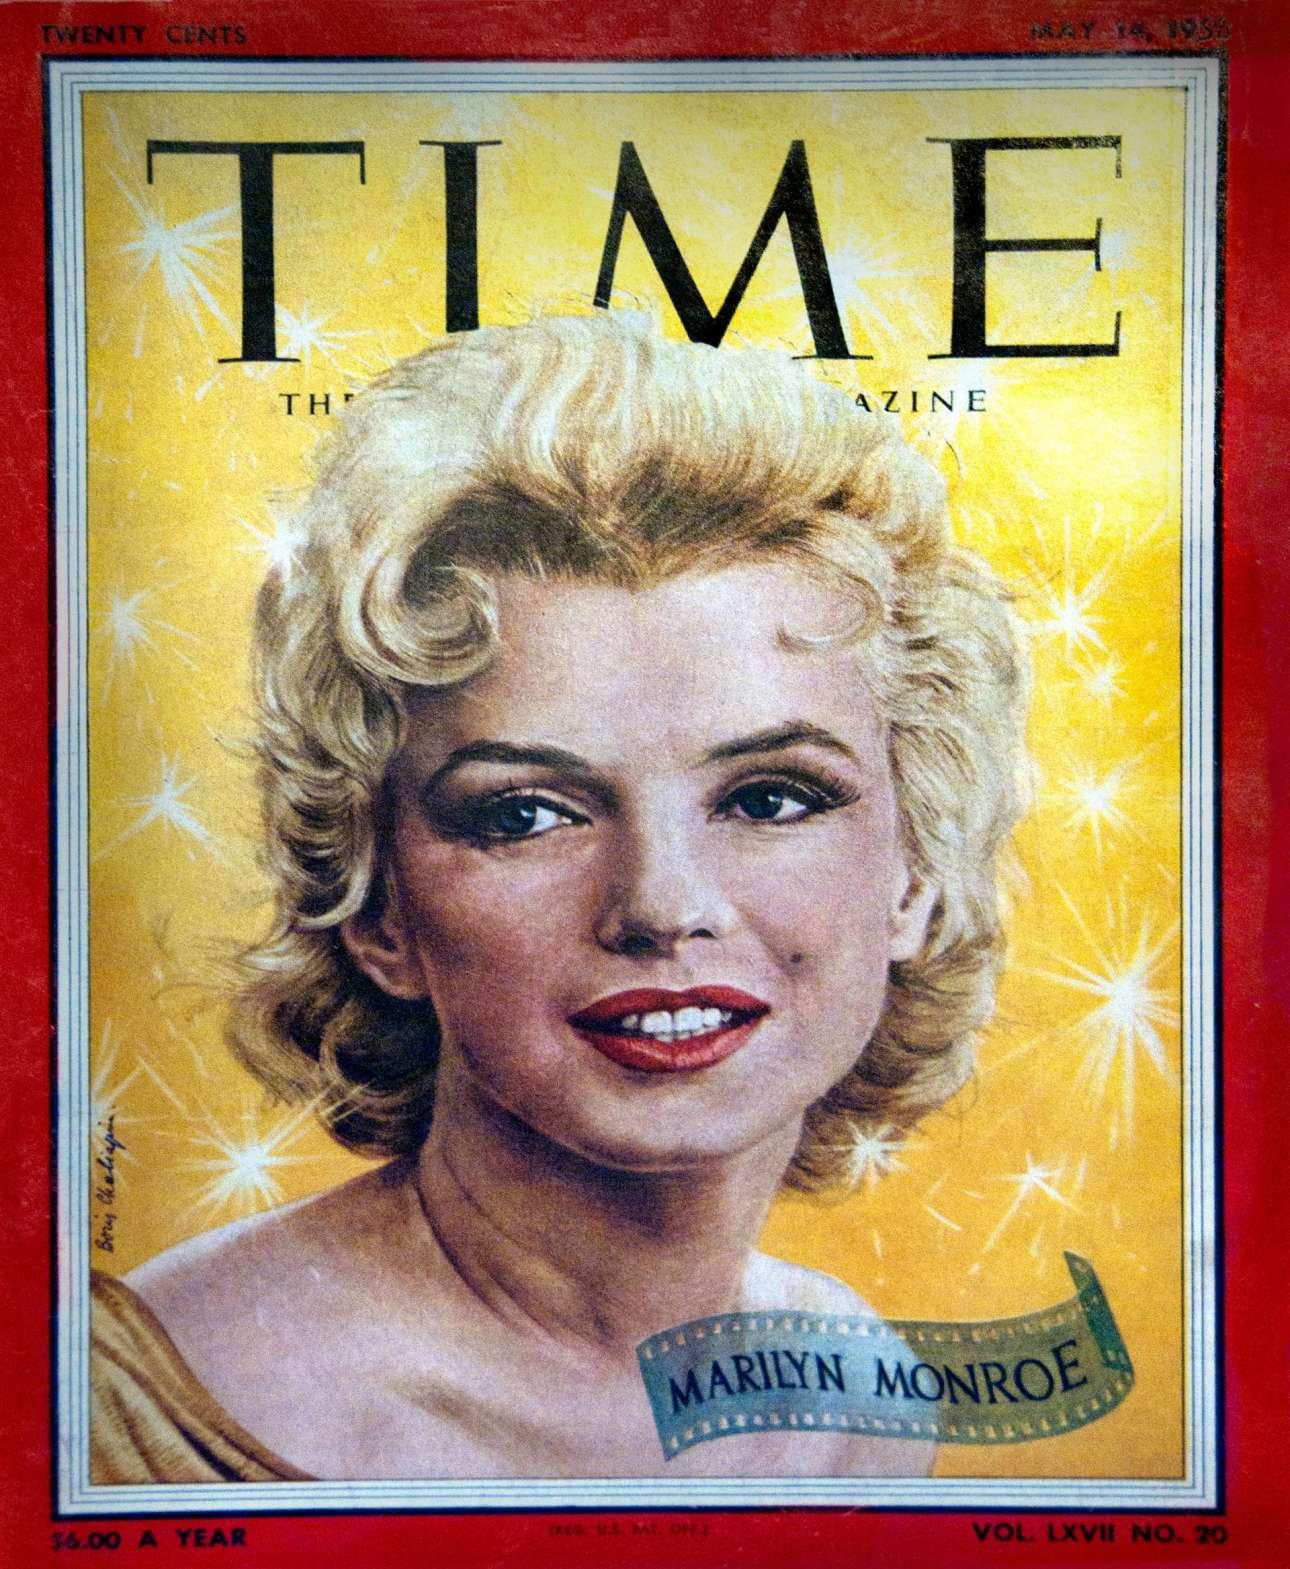 Μεταπολεμικά δεν κοσμούσαν μόνο οι πολιτικοί τα εξώφυλλα. Οι δημοφιλείς καλλιτέχνες άρχισαν να εμφανίζονται και αυτοί στο Time, όπως εδώ, στις 14 Μαΐου 1953, η Μέριλιν Μονρόε